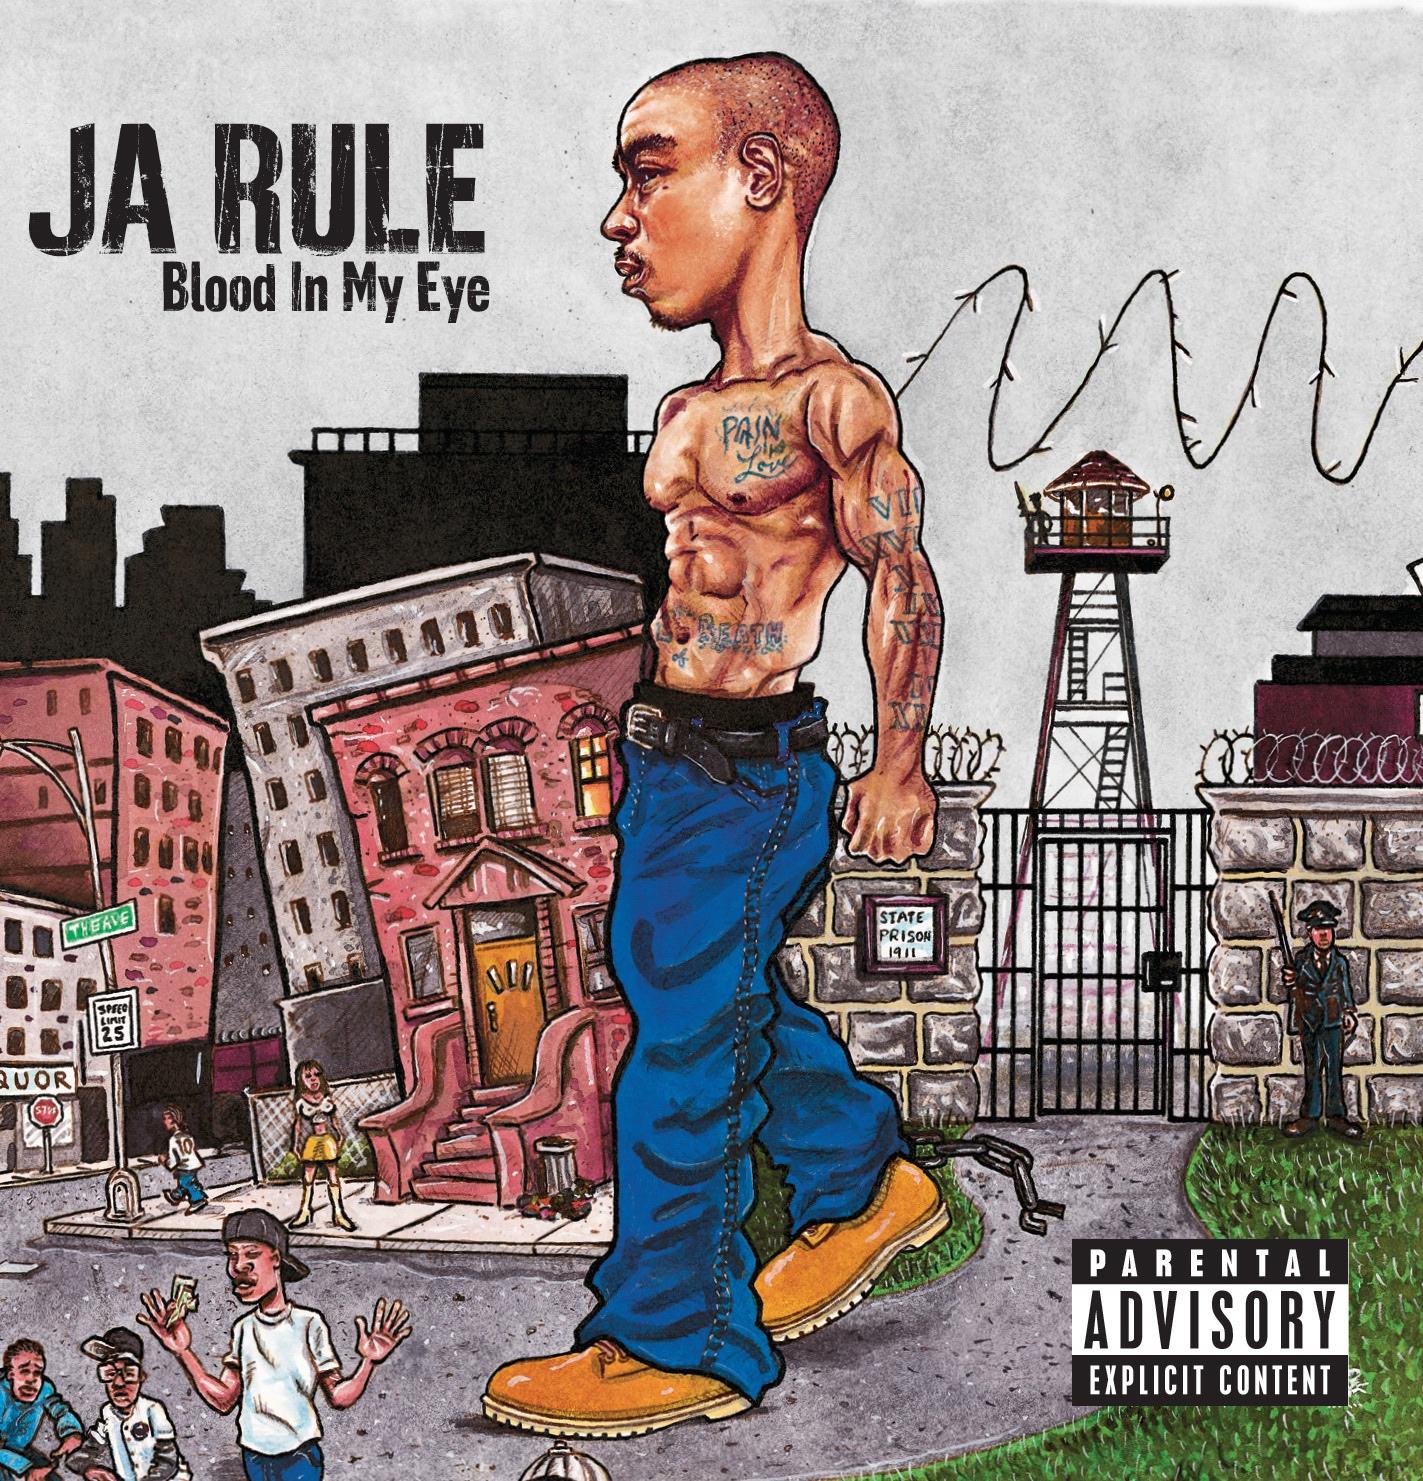 Ja Rule